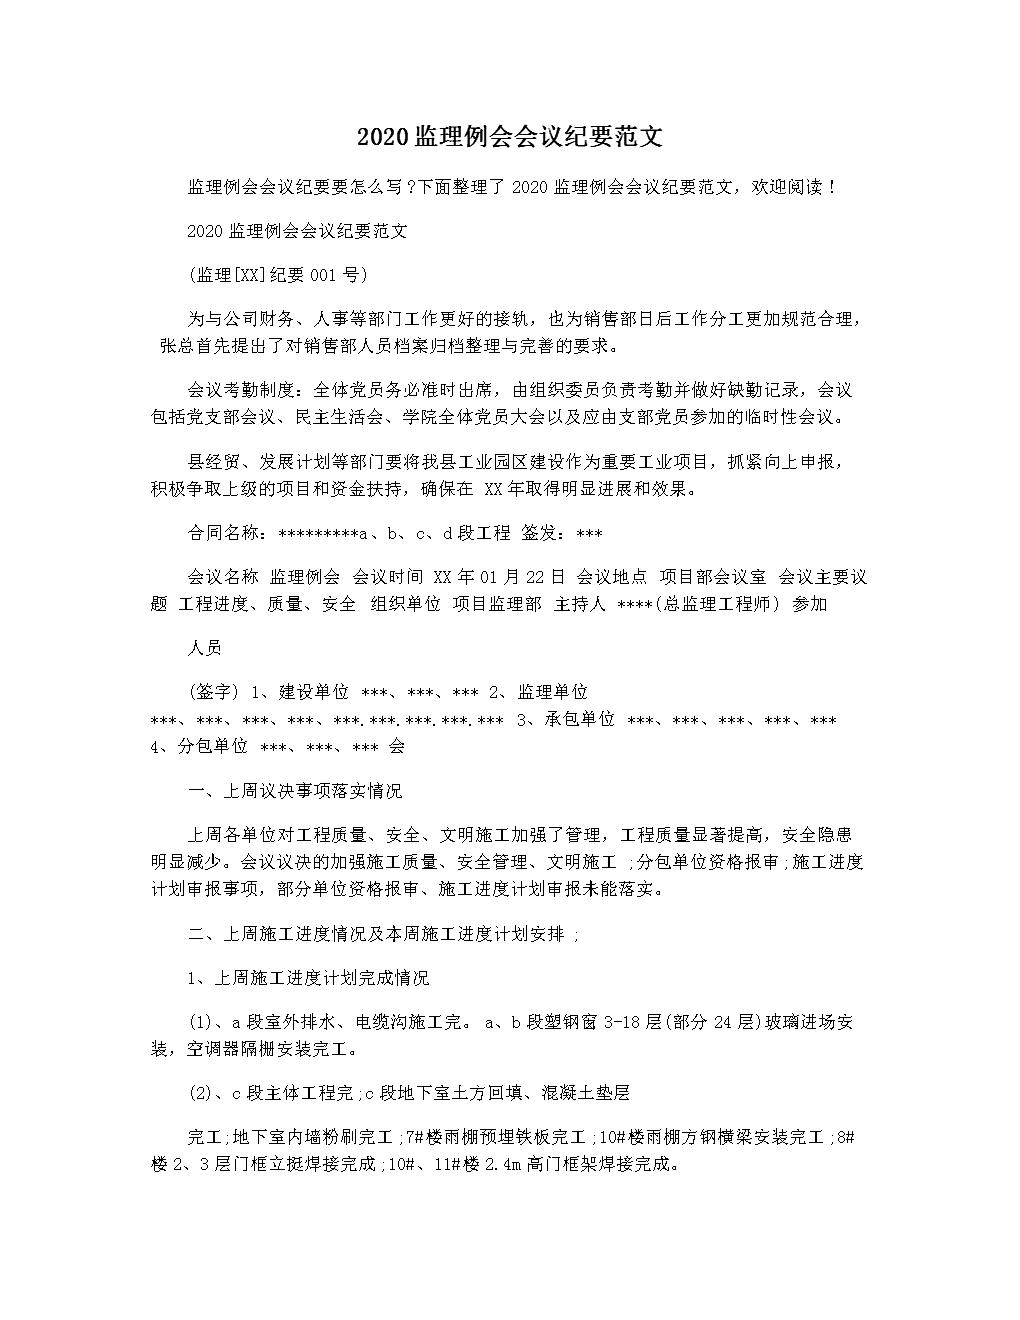 2020监理例会会议纪要范文.docx